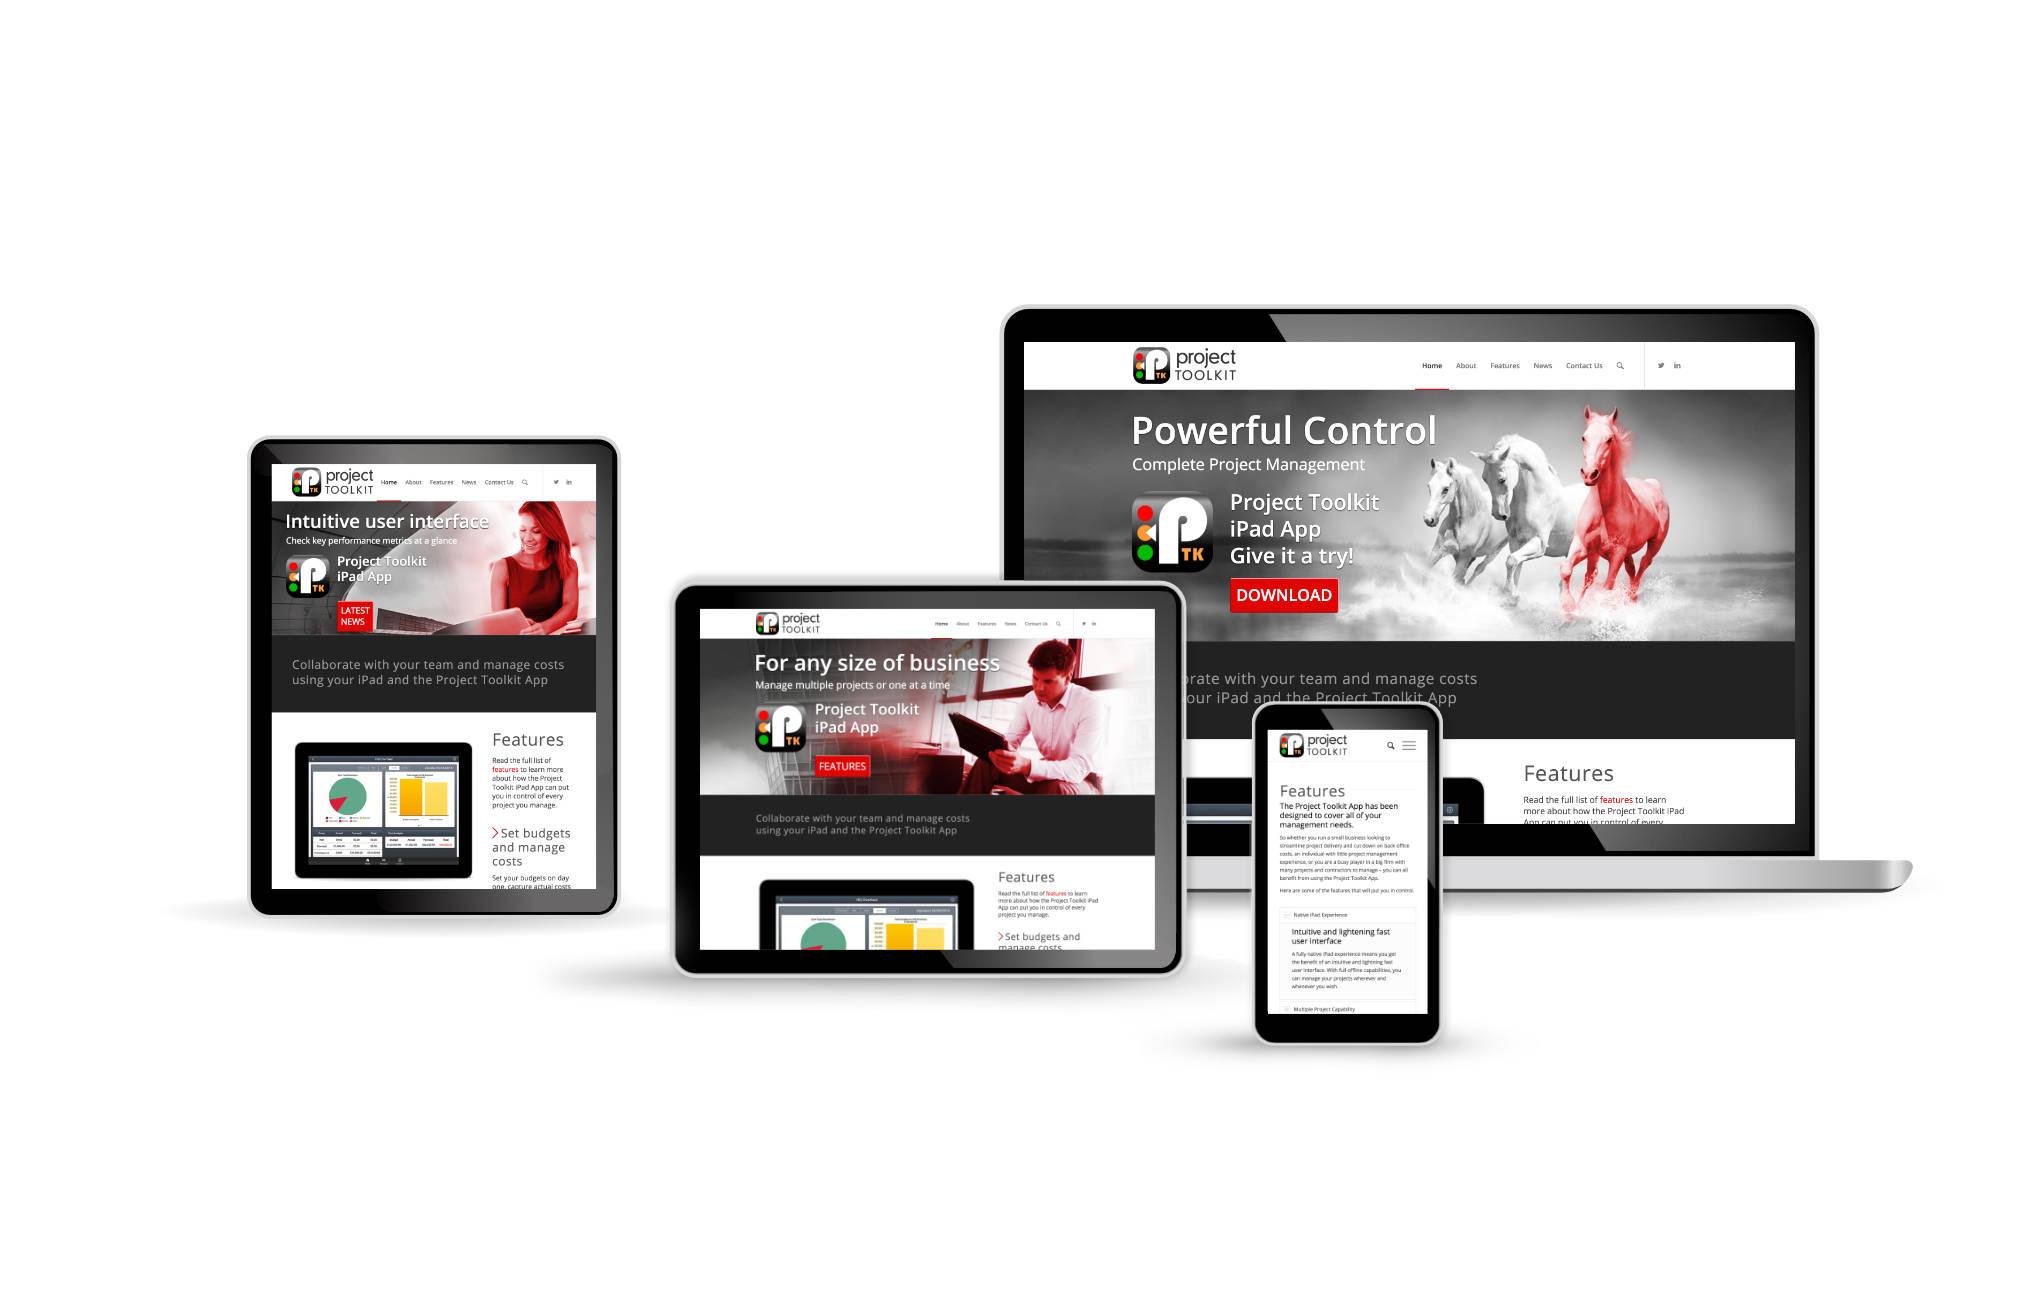 Project Toolkit iPad App website, design by orangebox